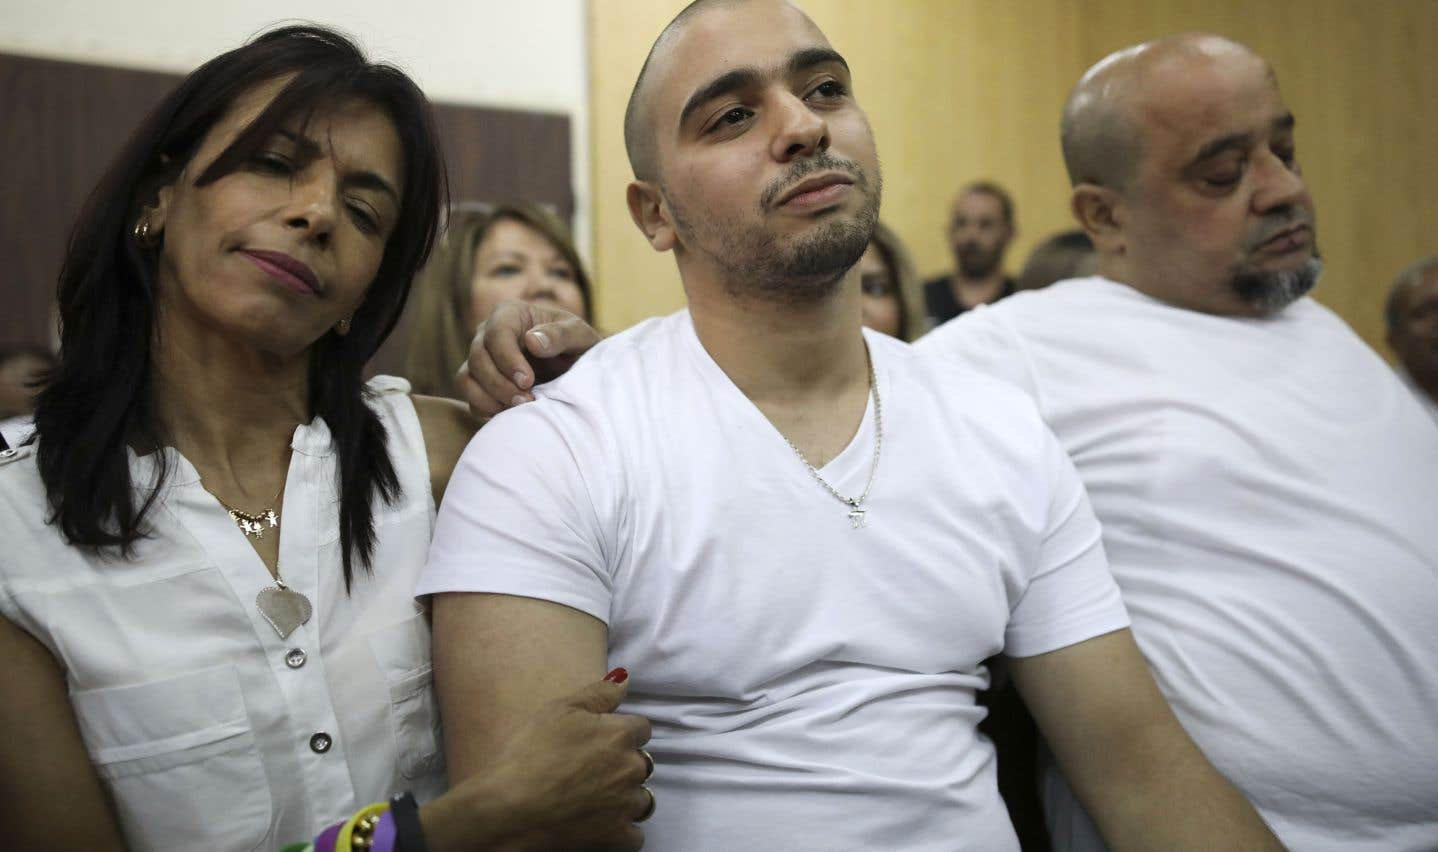 Le président israélien refuse de gracier un soldat ayant achevé un Palestinien